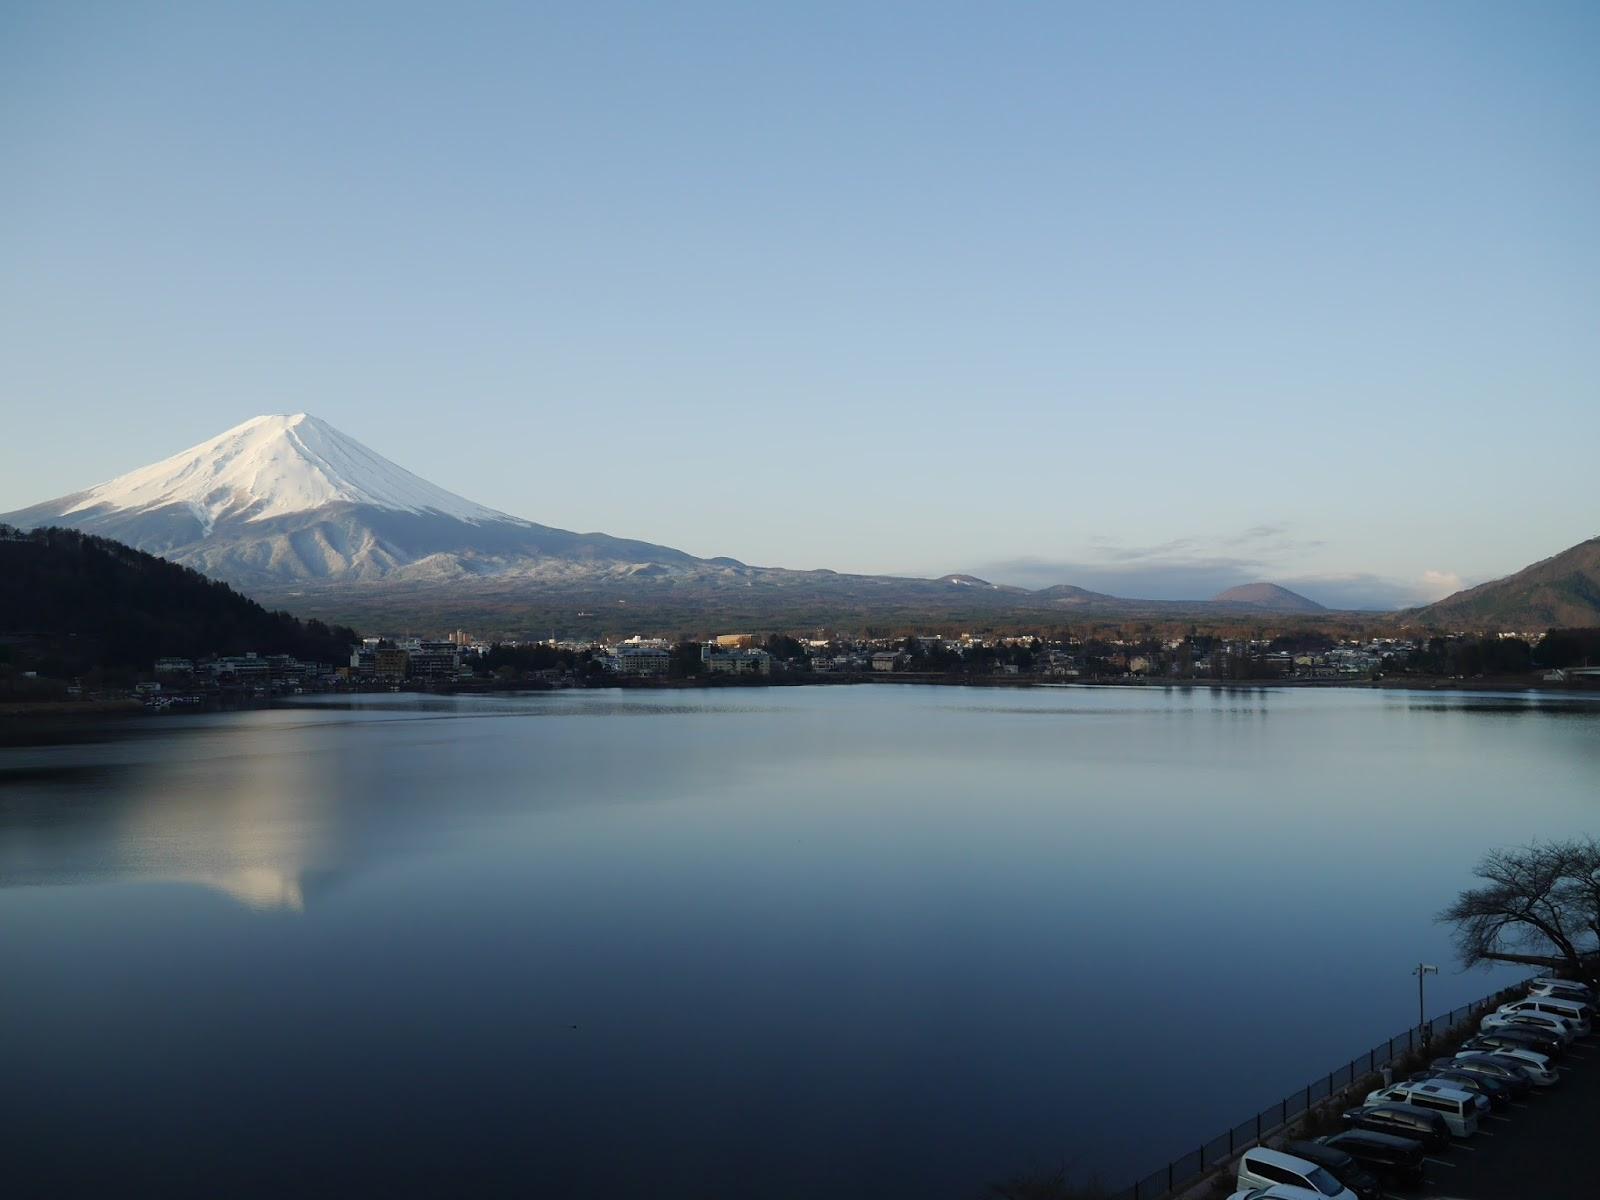 ∥日本關東∥ 帶媽媽東京自由行-河口湖「富士吟景」初見富士山 - 小花模式